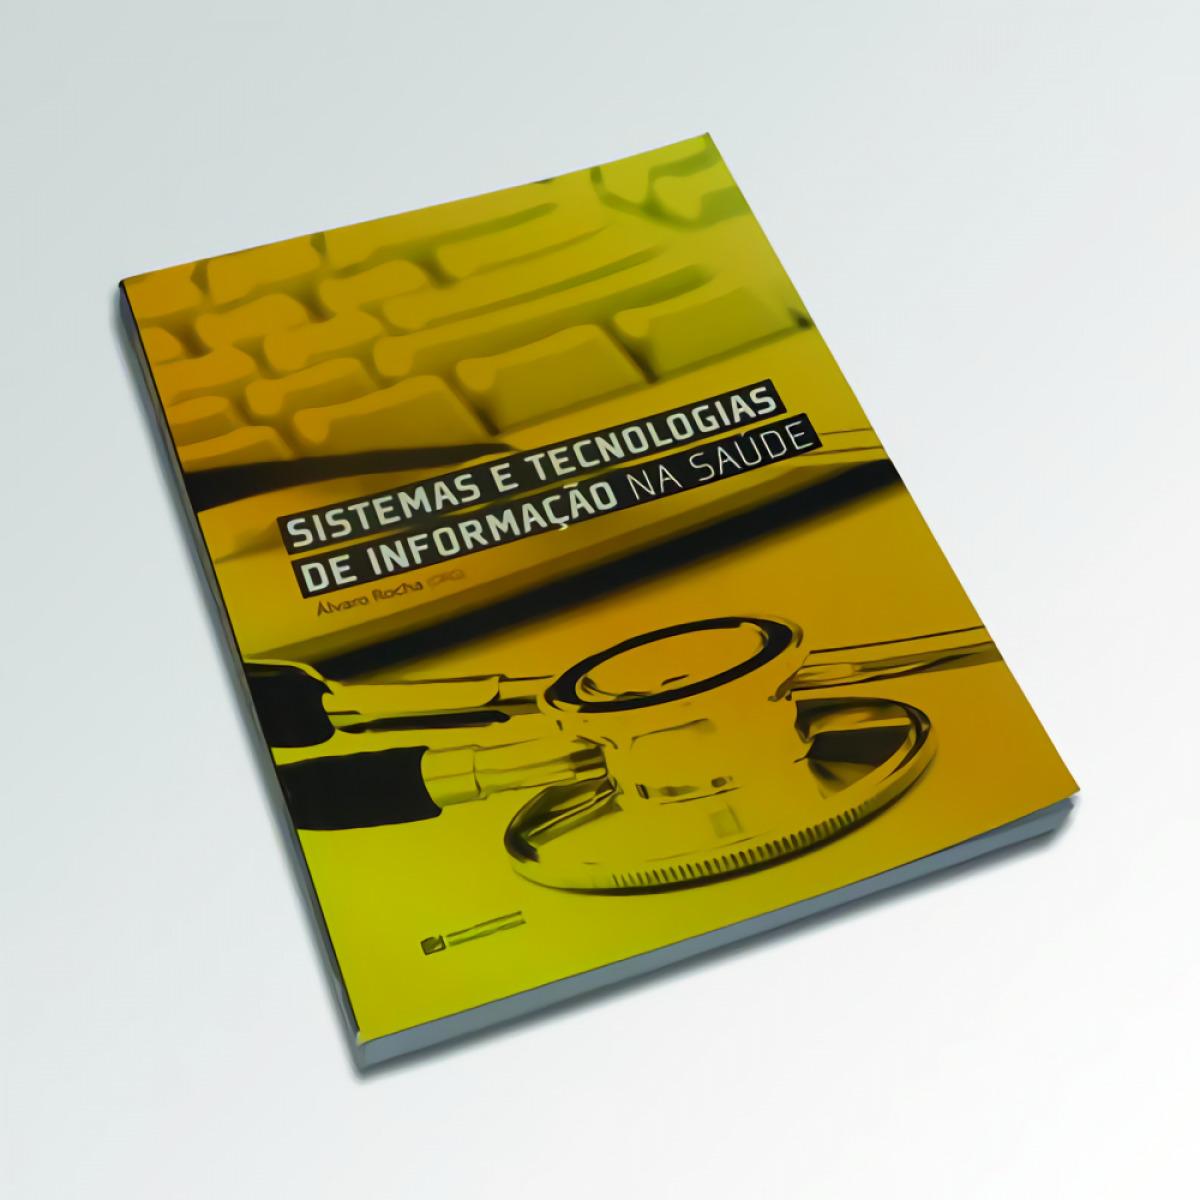 Sistemas e tecnologias de informaçÃo na saude - Rocha, Alvaro